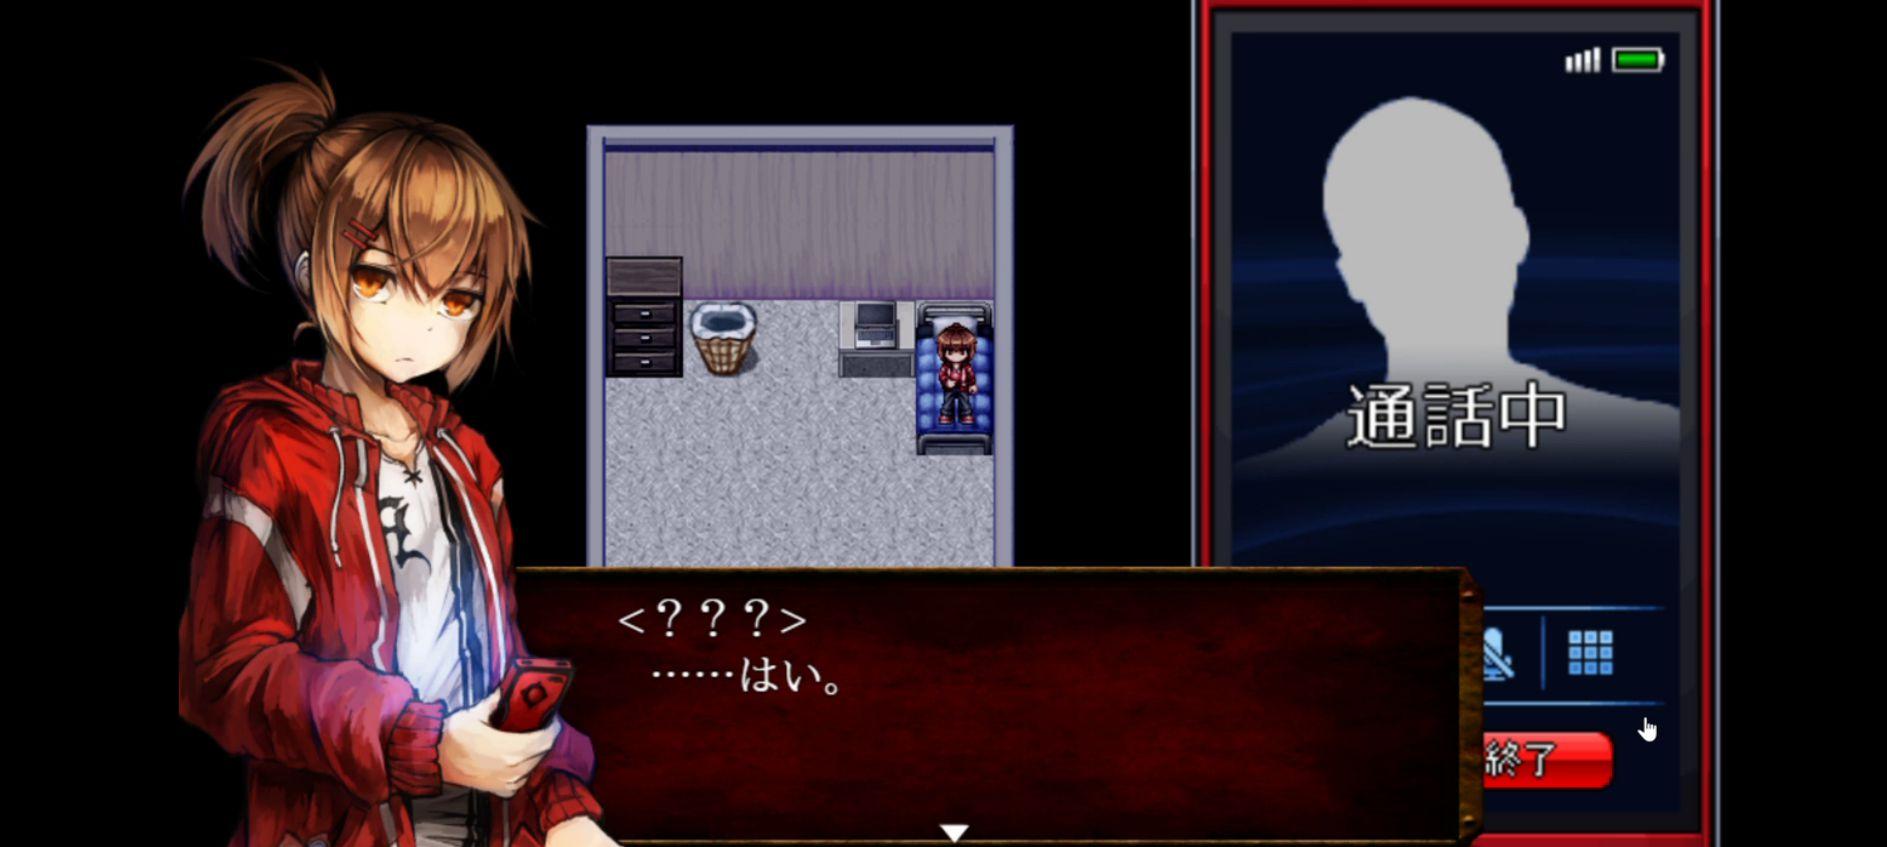 bakushou2